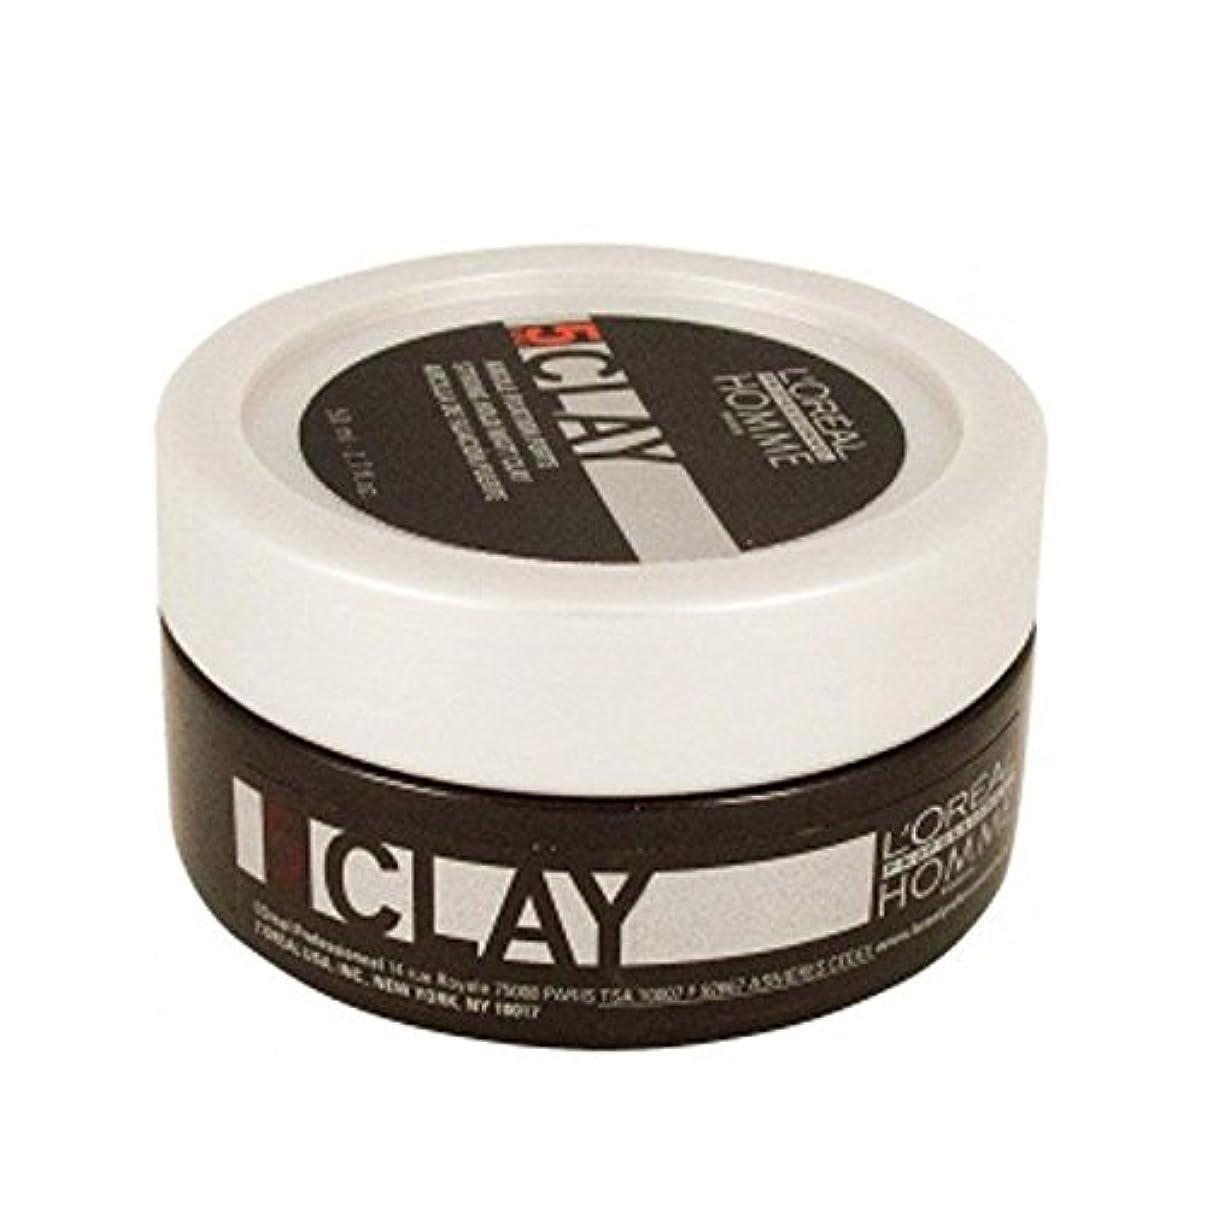 シンジケートコミュニティロケットL'Or?al Professionnel Homme Clay ? Strong Hold Clay (50ml) (Pack of 6) - ロレアルプロフェッショナルのオム粘土 - 強力なホールド粘土(50ミリリットル...